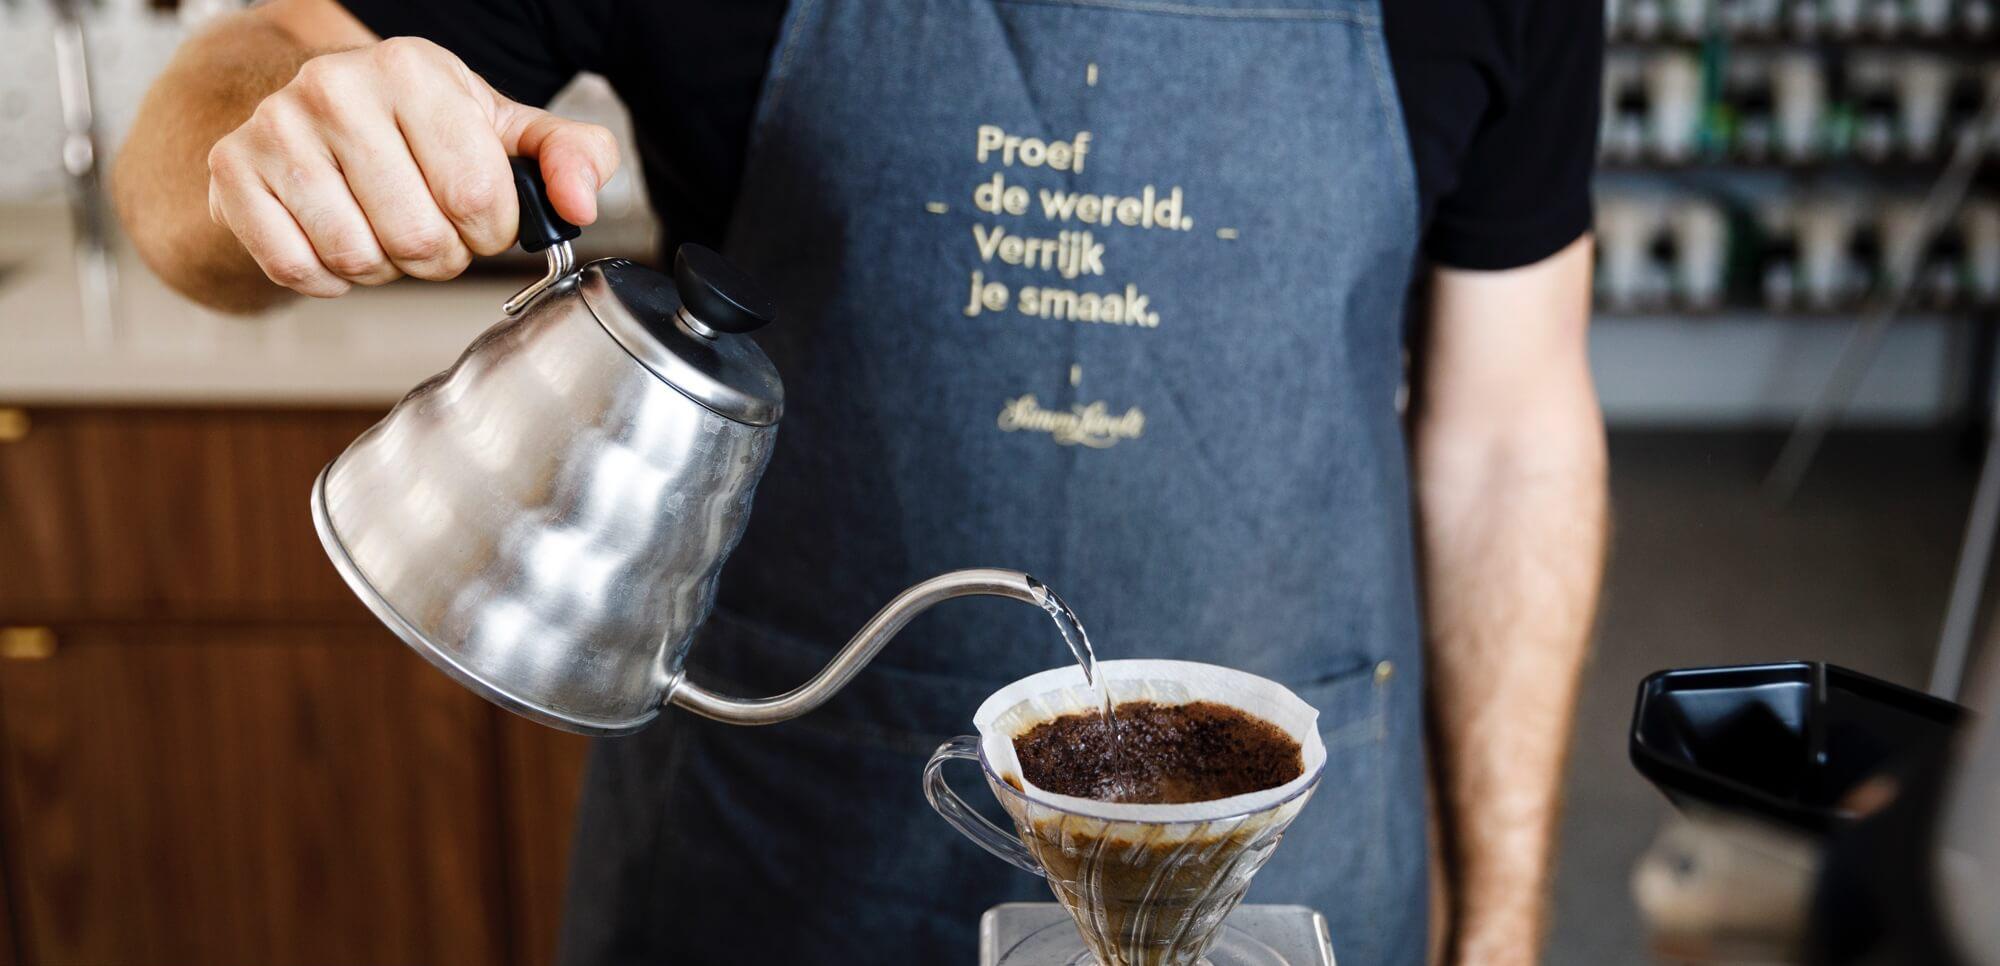 simon-levelt-koffie-schenken